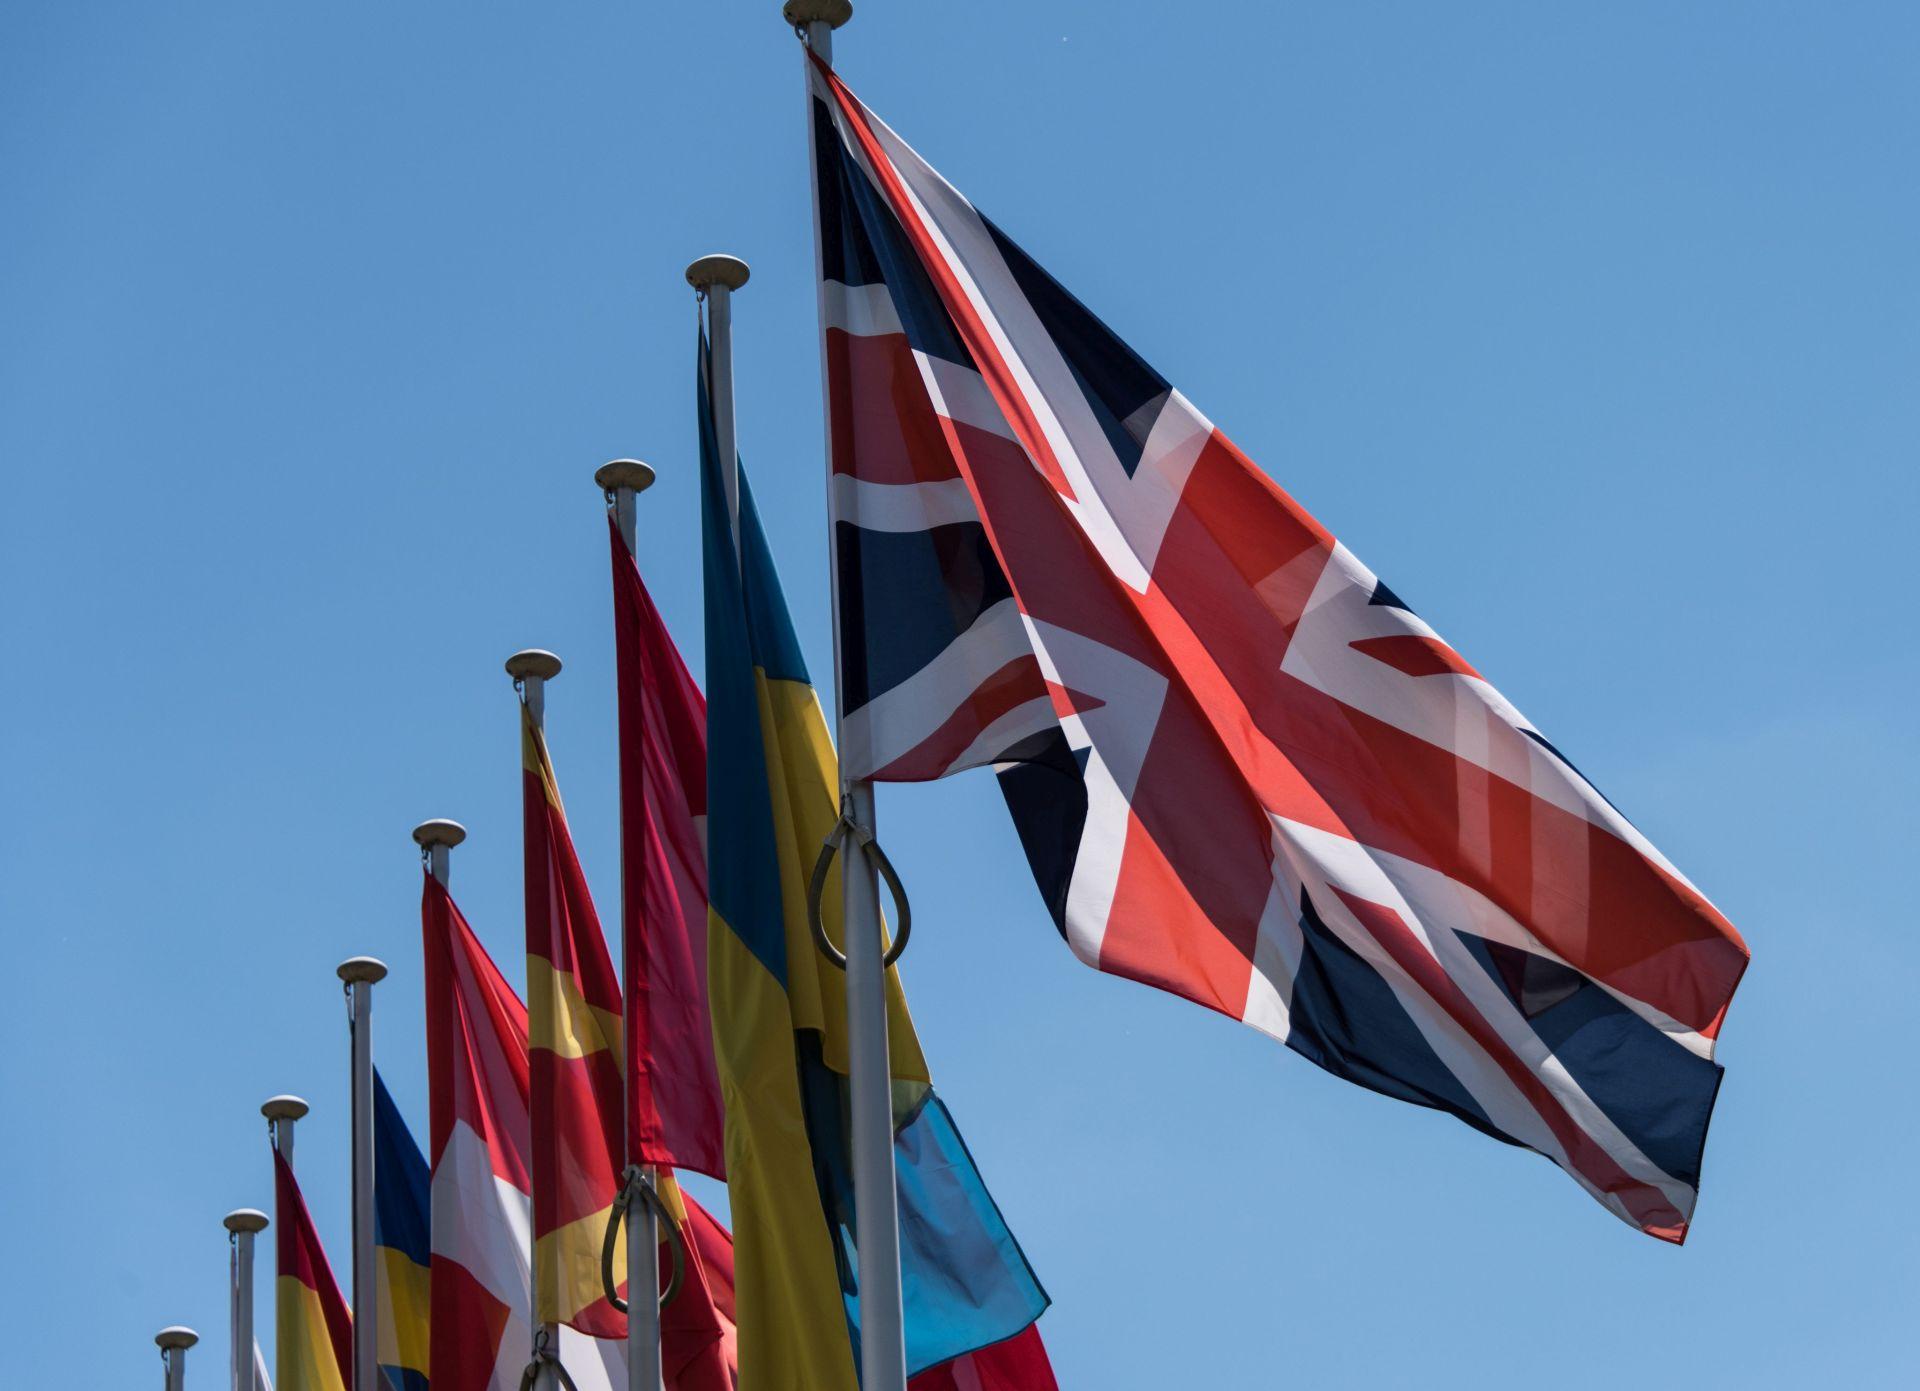 SUTRA DAN ODLUKE Nakon 40 burnih godina Britanija odlučuje o ostanku u EU